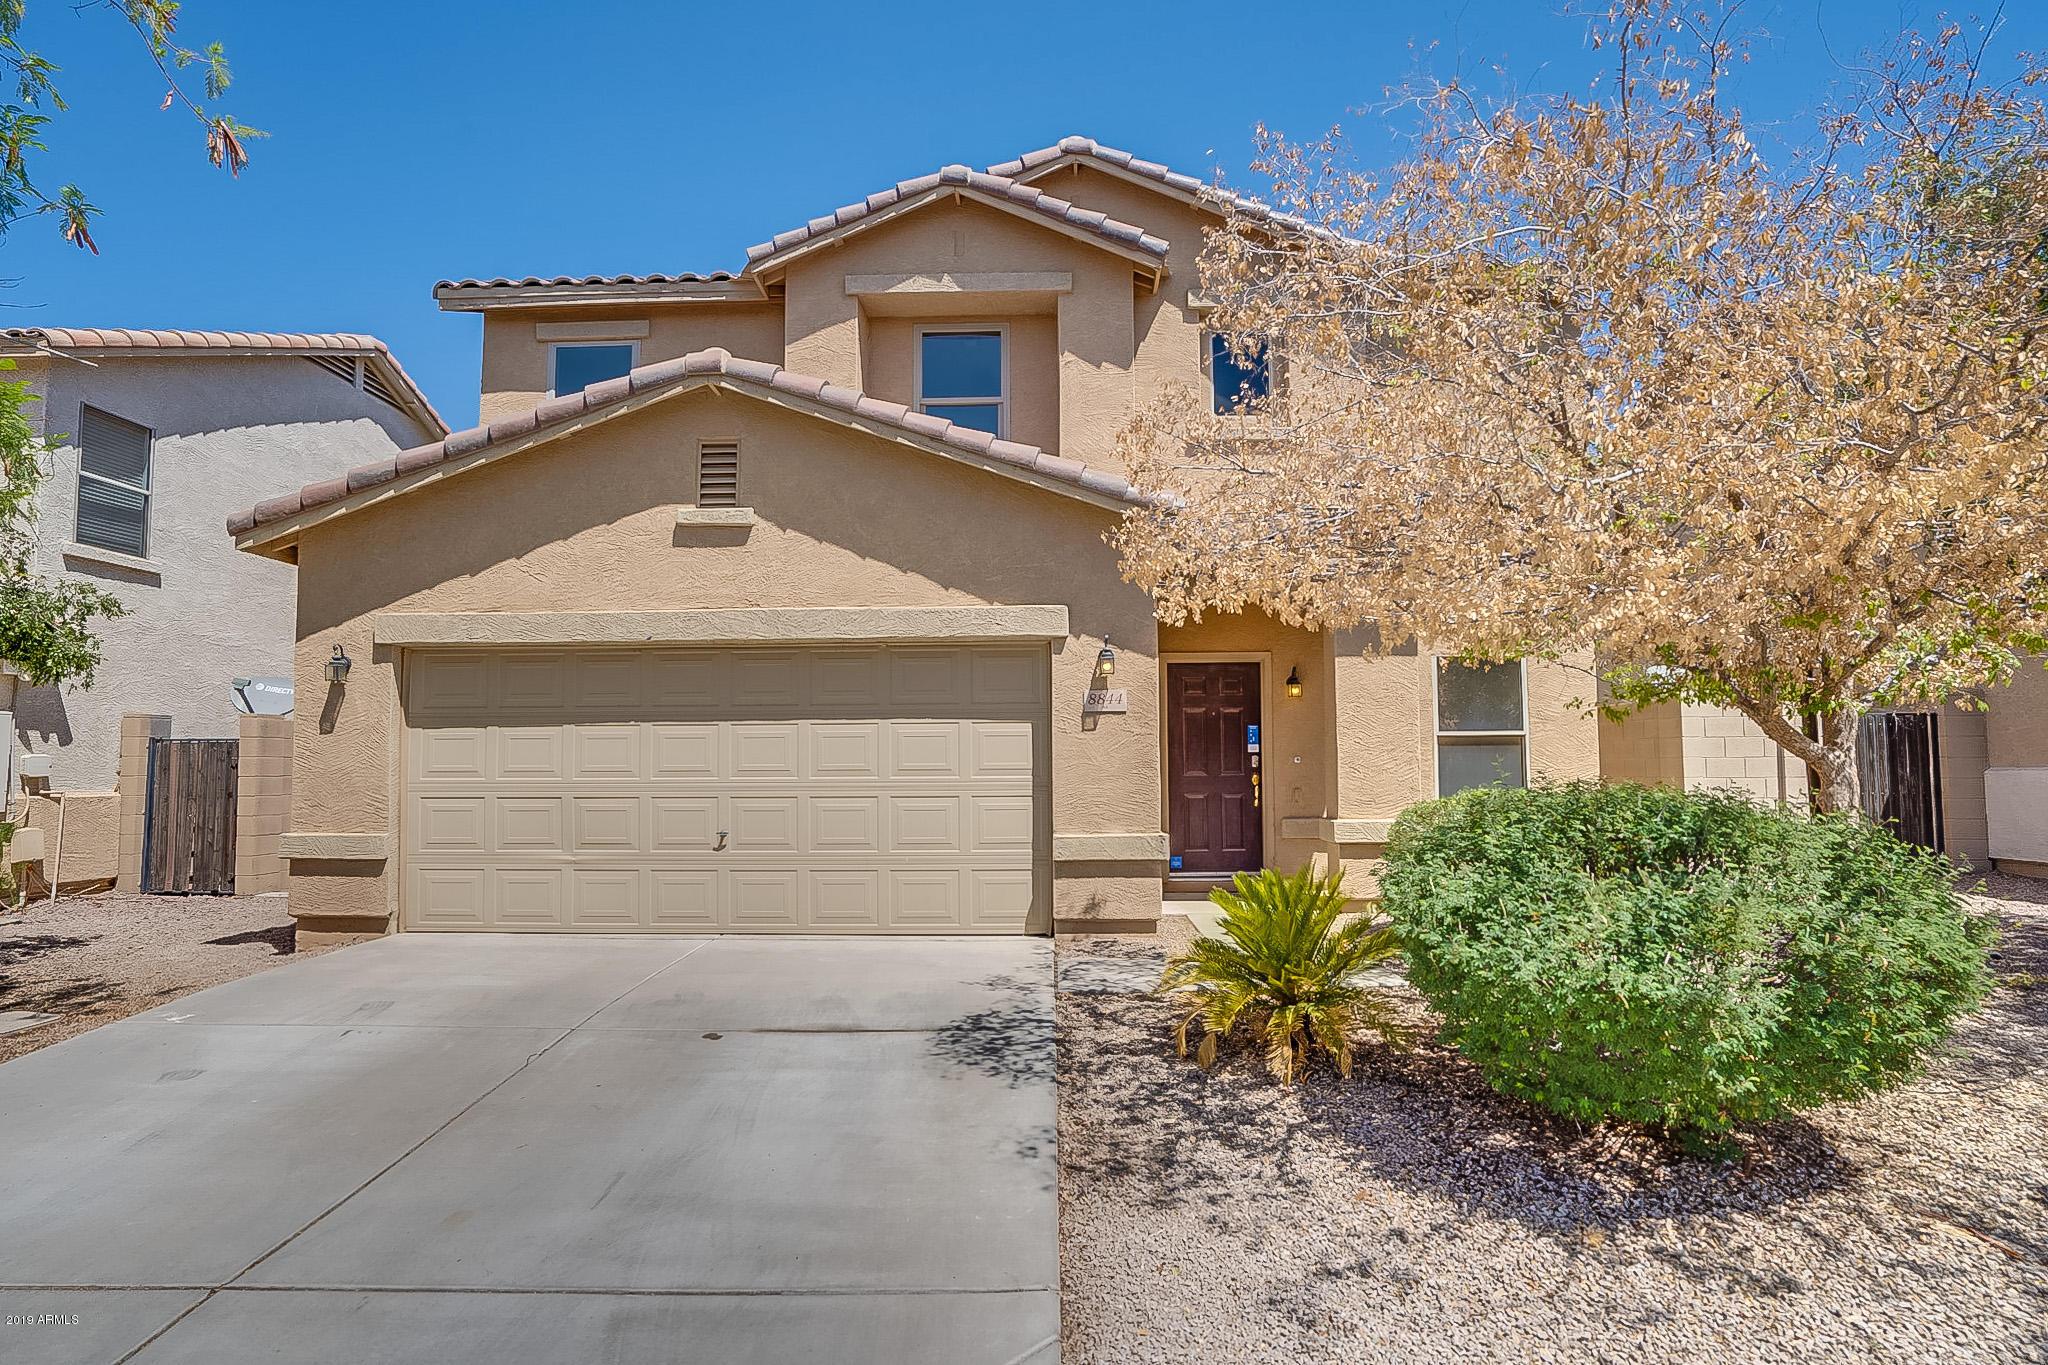 Photo of 8844 E PAMPA Avenue, Mesa, AZ 85212